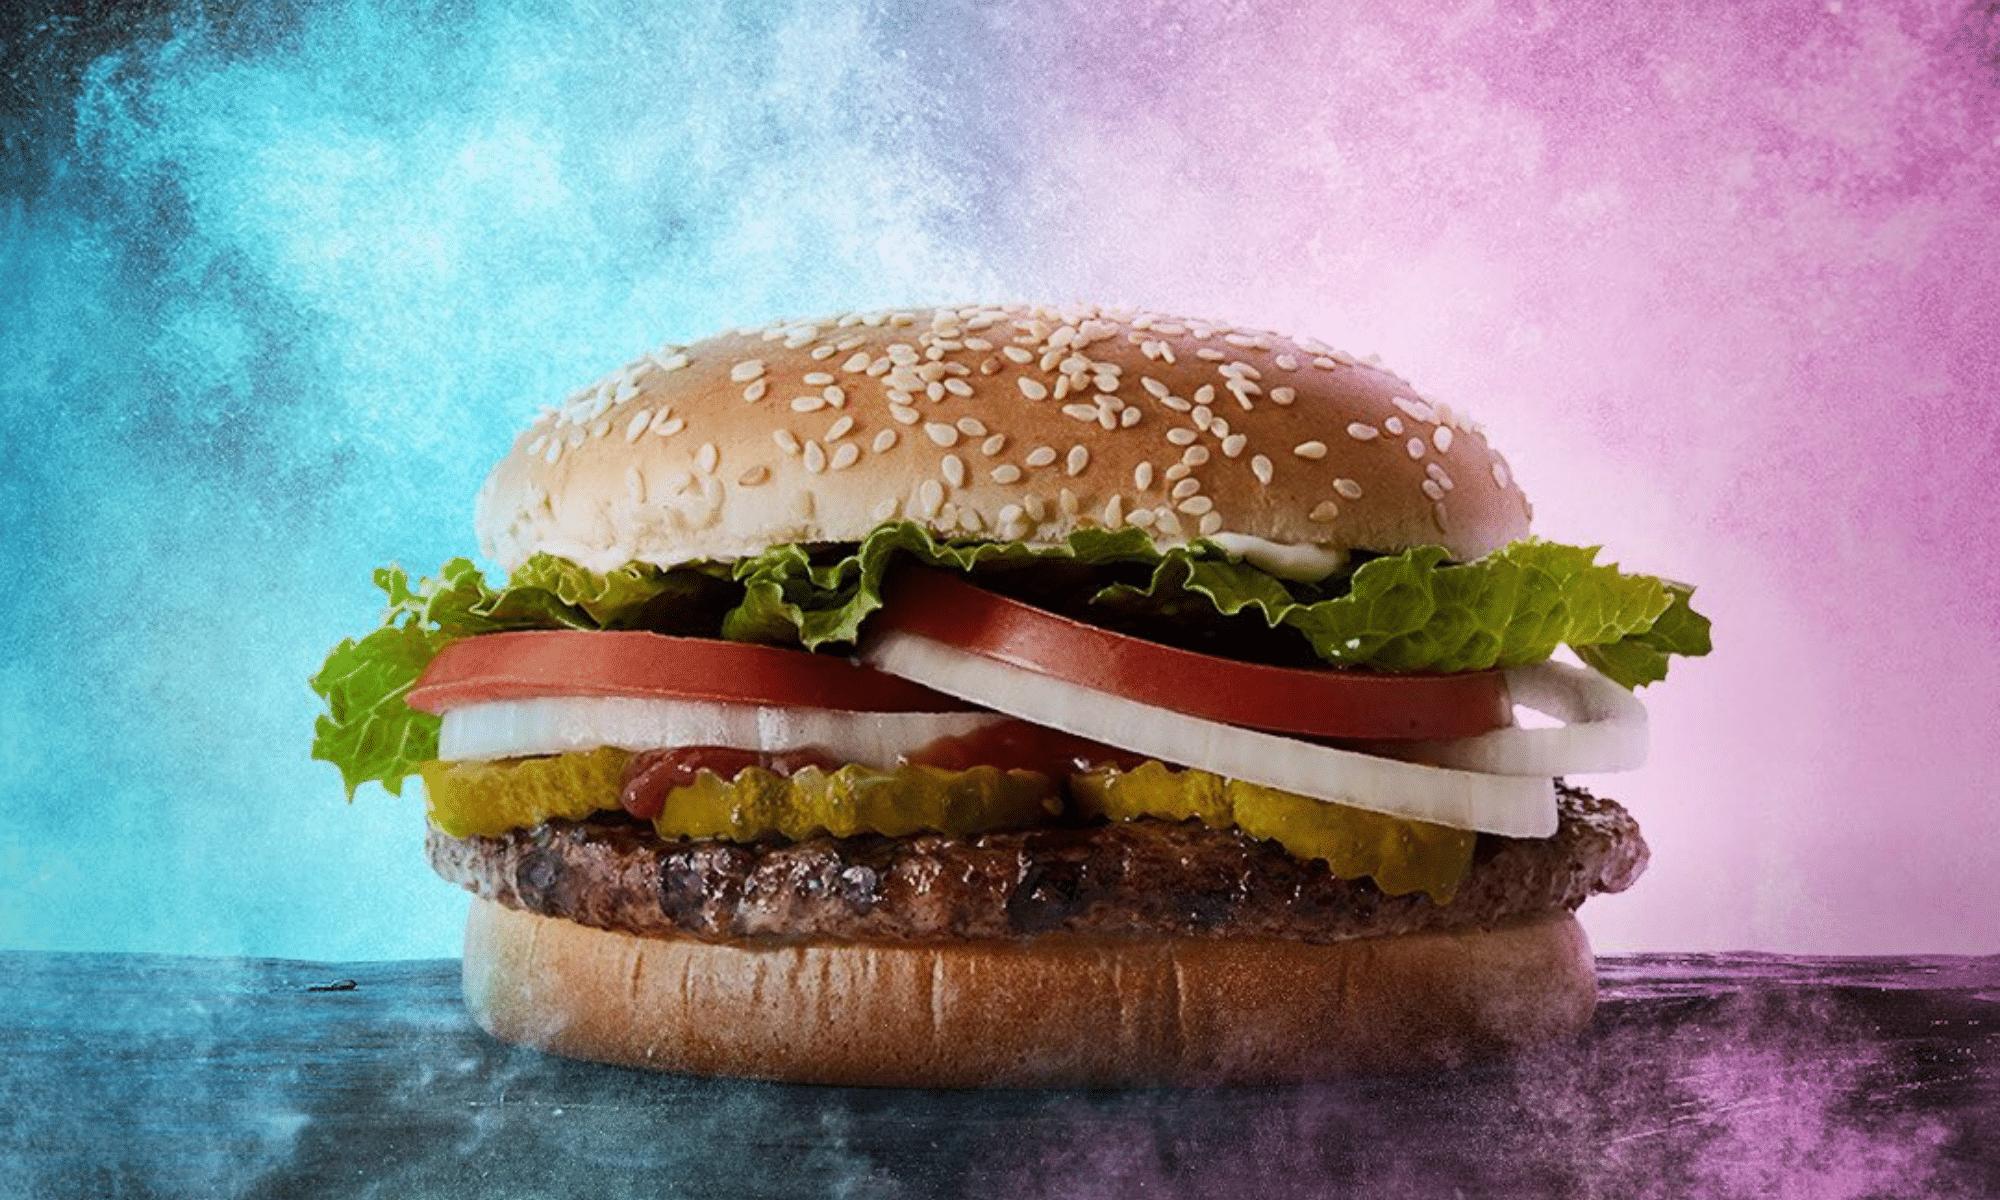 Burger King offre des Whooper gratuits en échange de photos de votre ex pour la St-Valentin